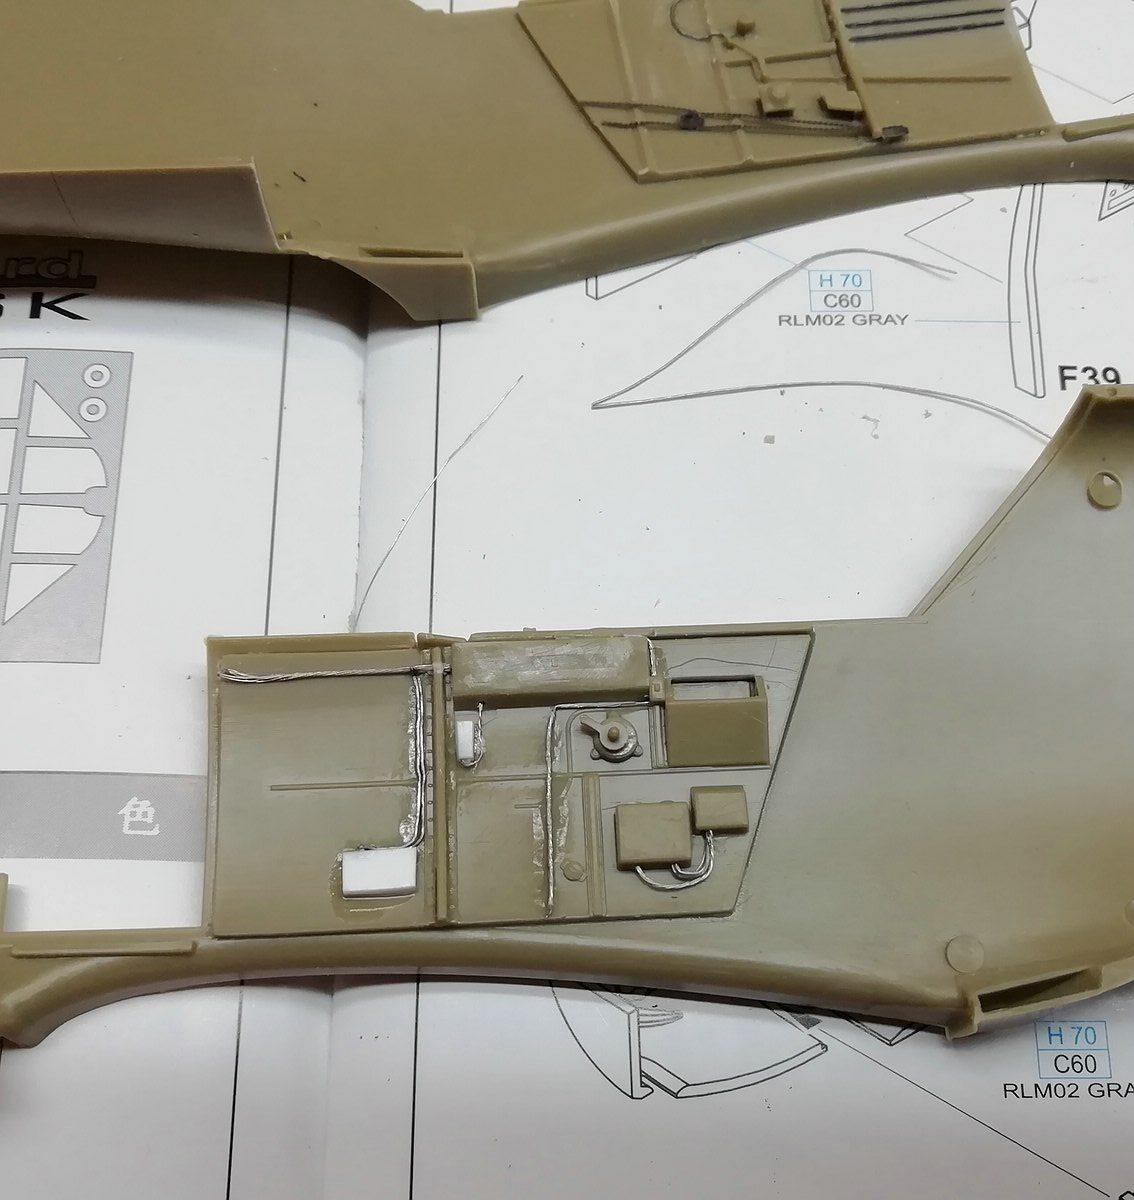 Eduard-Bf-109-E-1-Baubericht-4-rotated Werkstattbericht: Bf 109 E-1 in 1:32 von Eduard